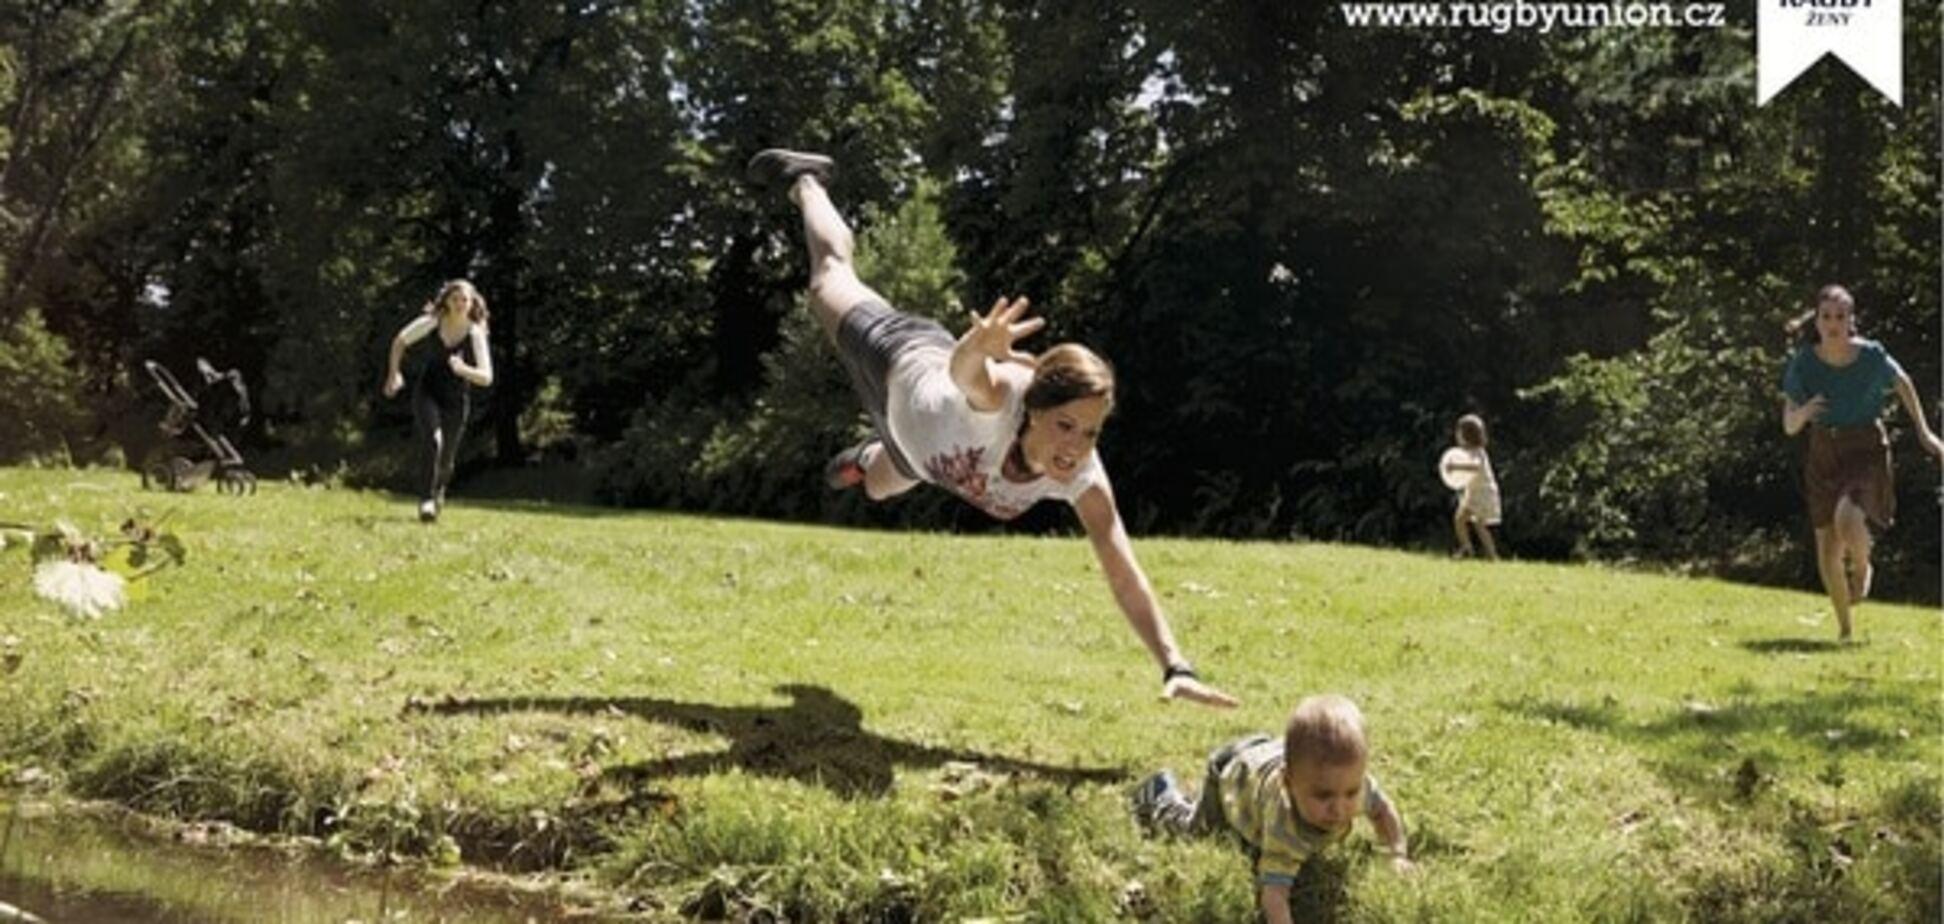 'Спасти ребенка и выиграть венок'. В Чехии создали необычную рекламу женского регби: шокирующие фото